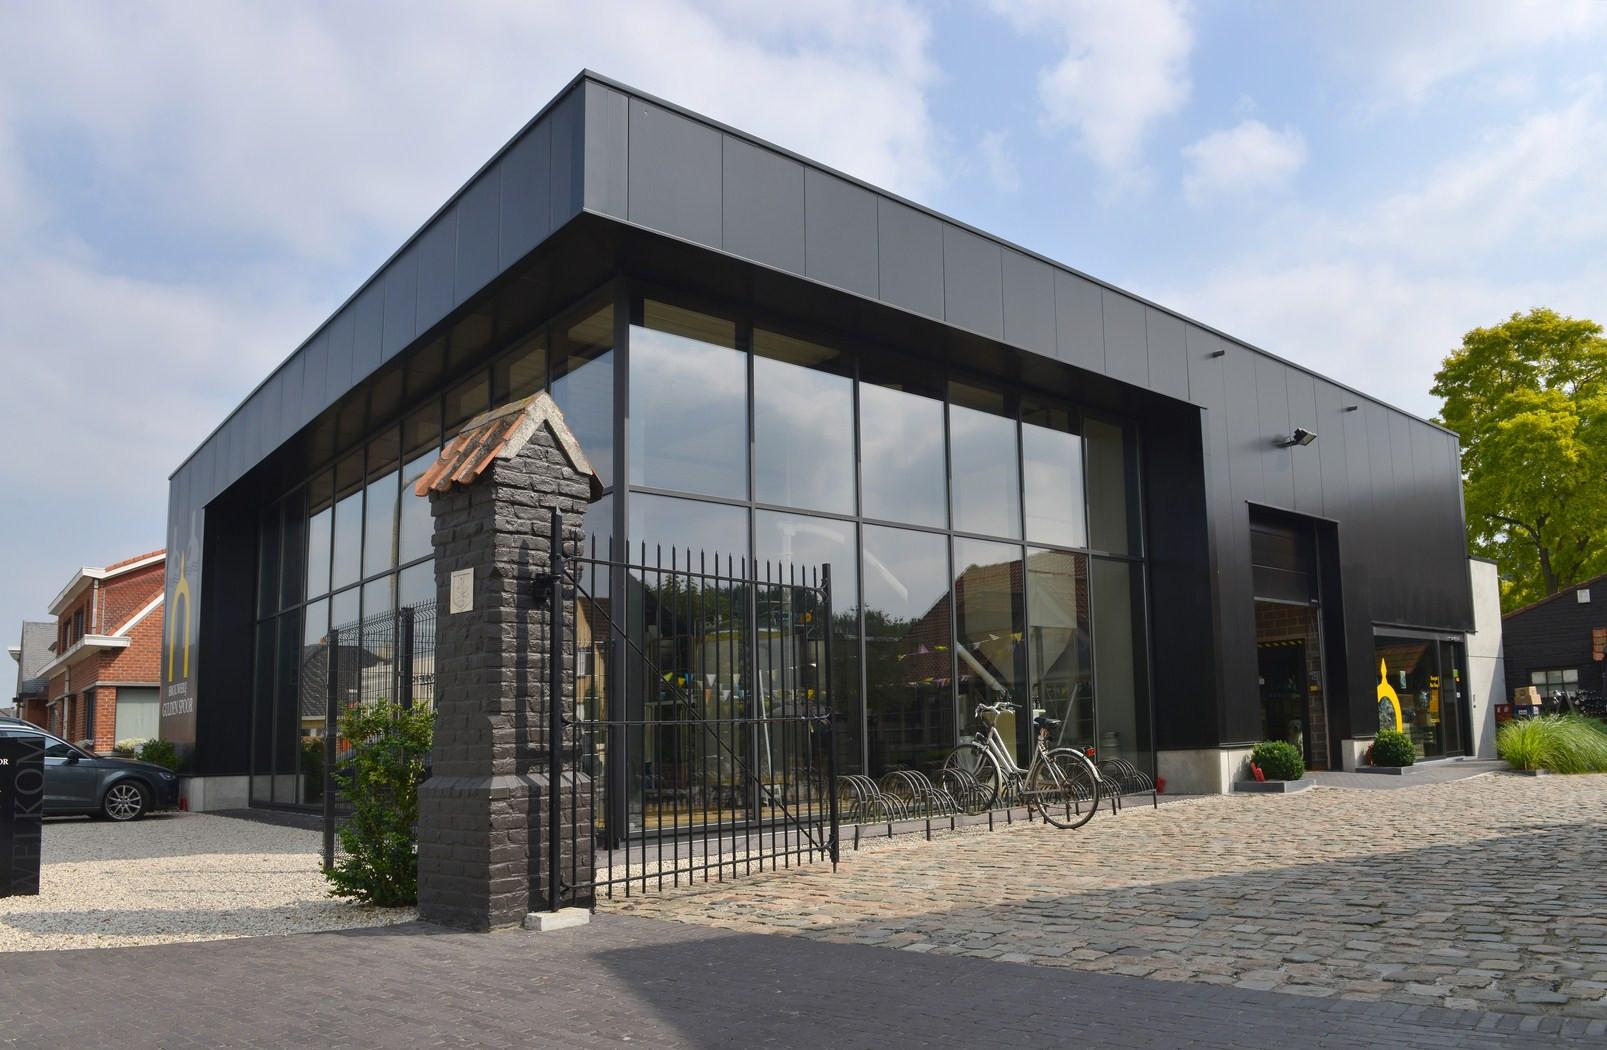 Brouwerij Gulden spoor (4)